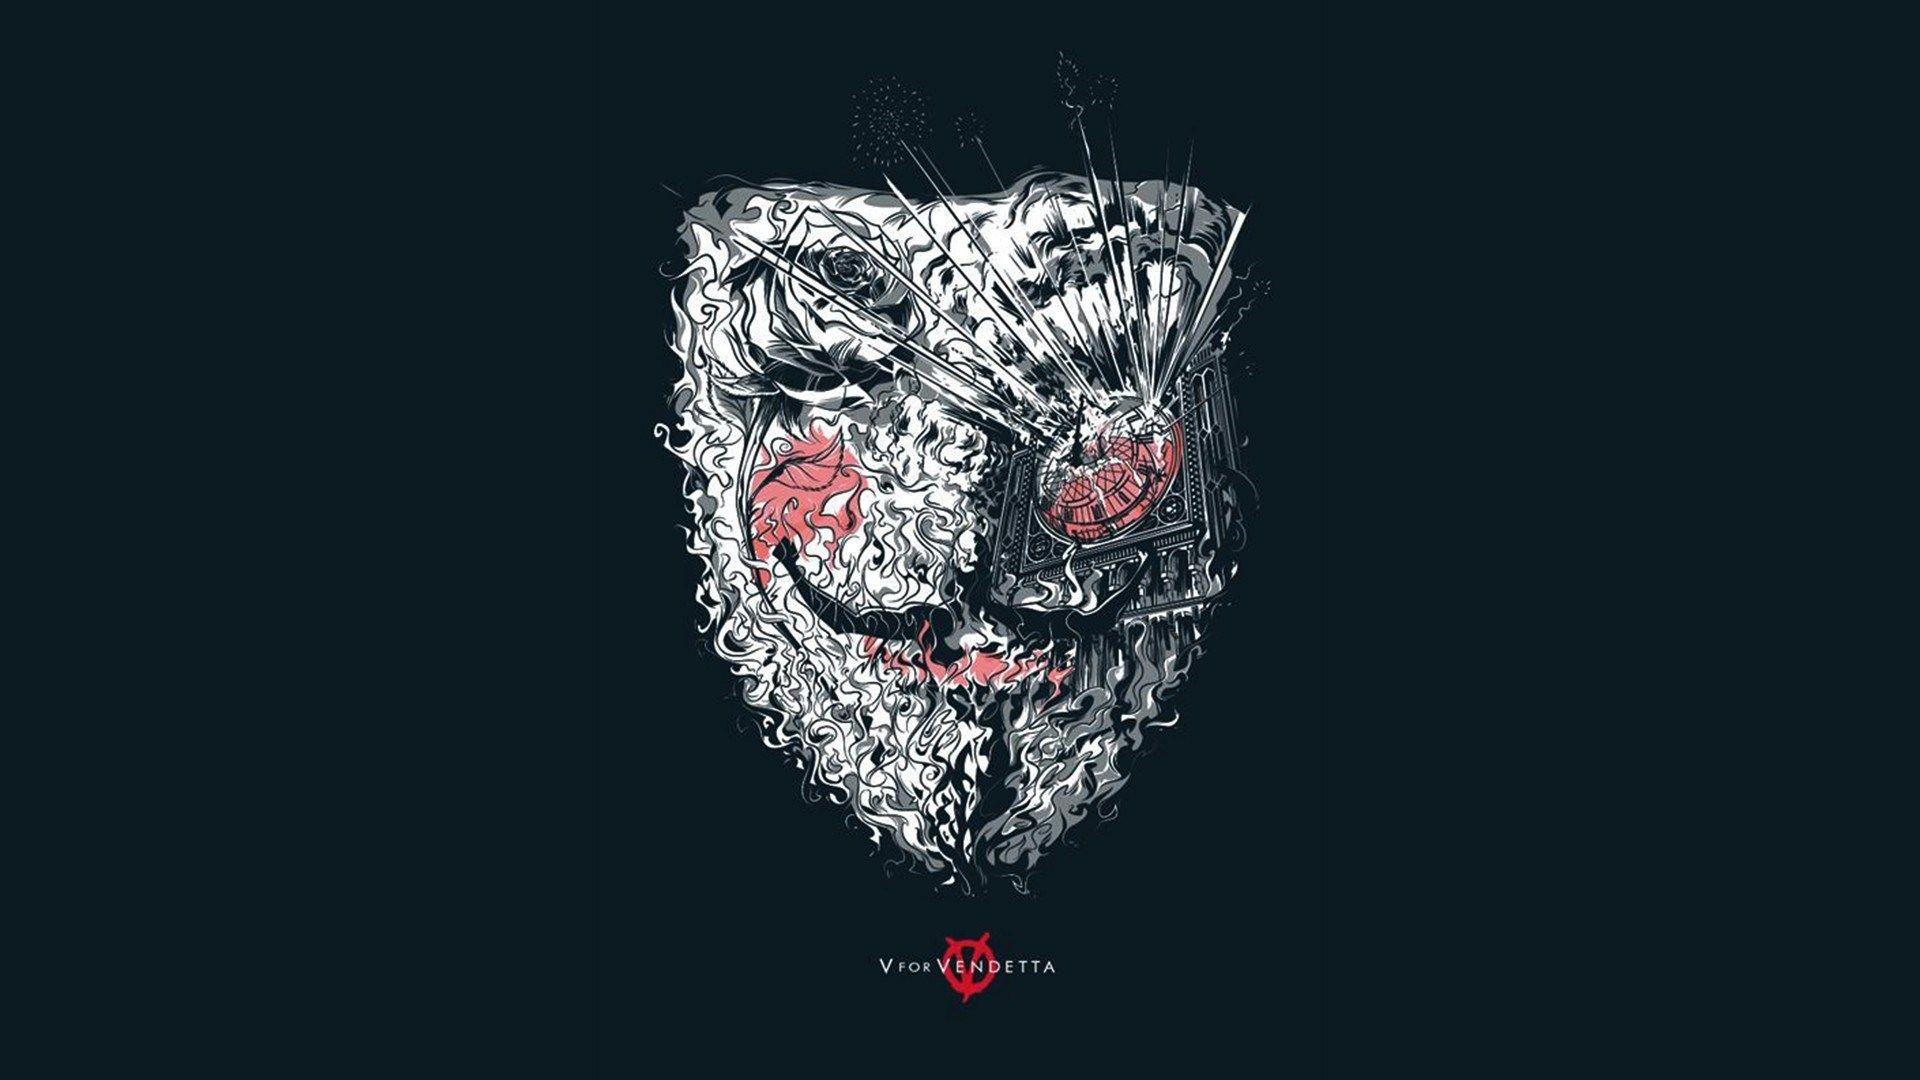 V-for-Vendetta-HD-Artwork-Wallpapers.jpg